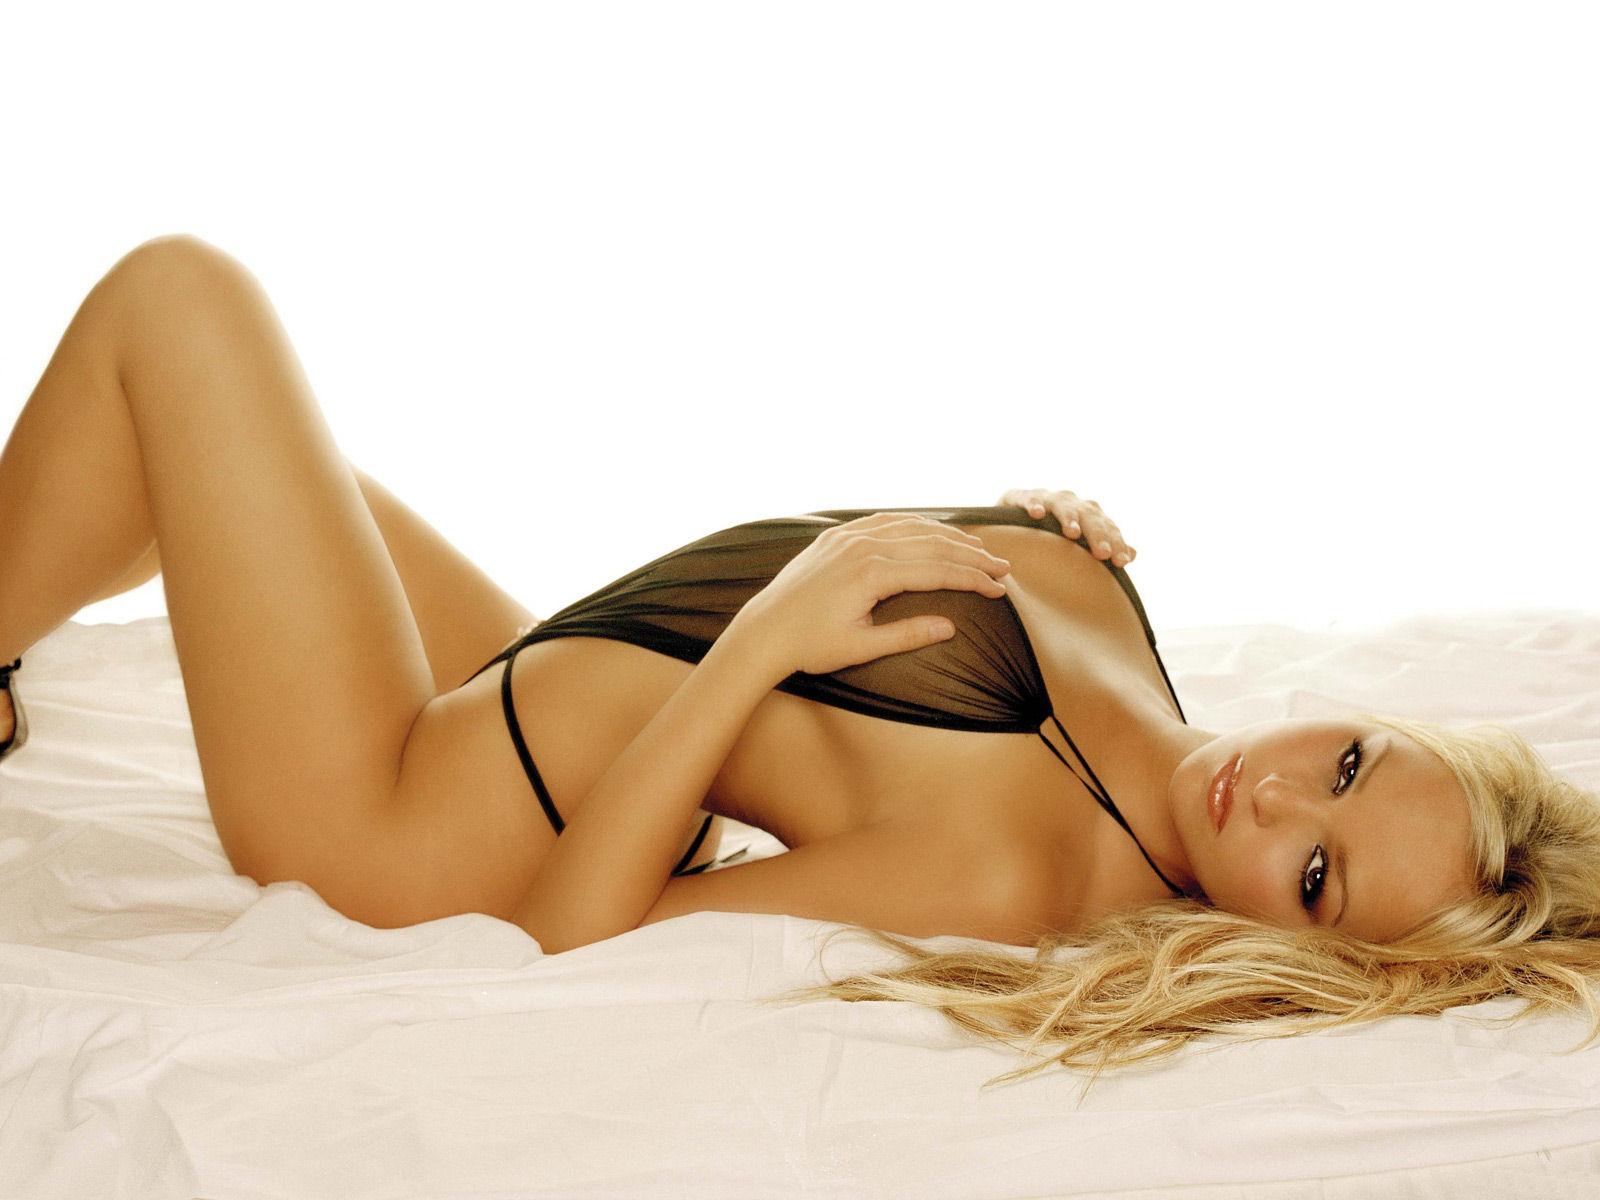 http://2.bp.blogspot.com/_EJtoBUL-OnA/TKsA7TXXE9I/AAAAAAAAANM/61P25MSREsQ/s1600/Jennifer+Elison+Soo+Hot+Stills+%286%29.jpg